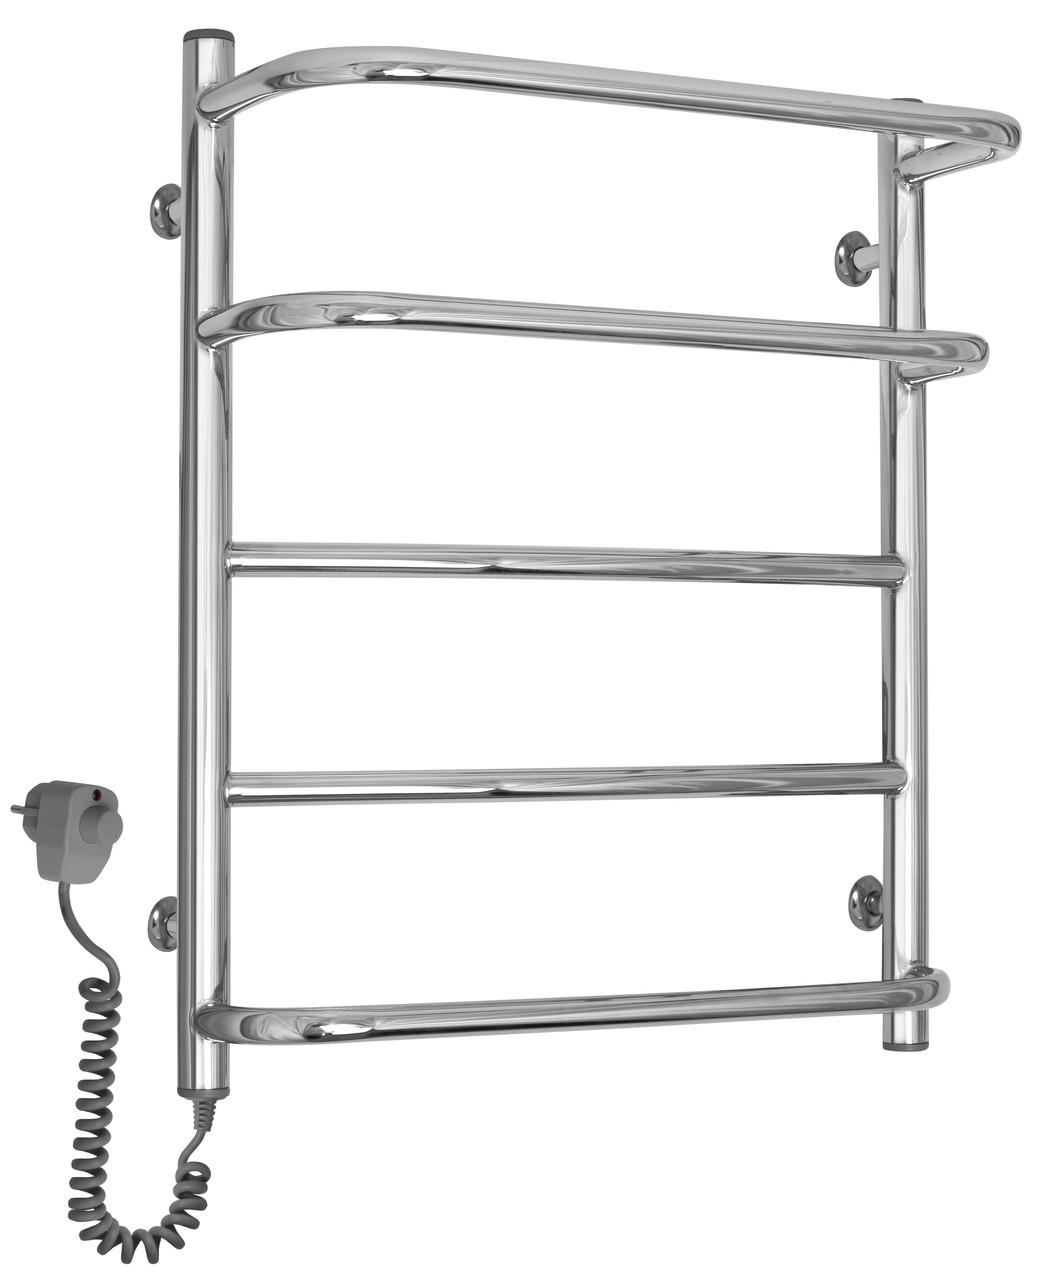 Полотенцесушитель електричний Paladii Тріумф Електро 600x500/5 лівий без регулятора